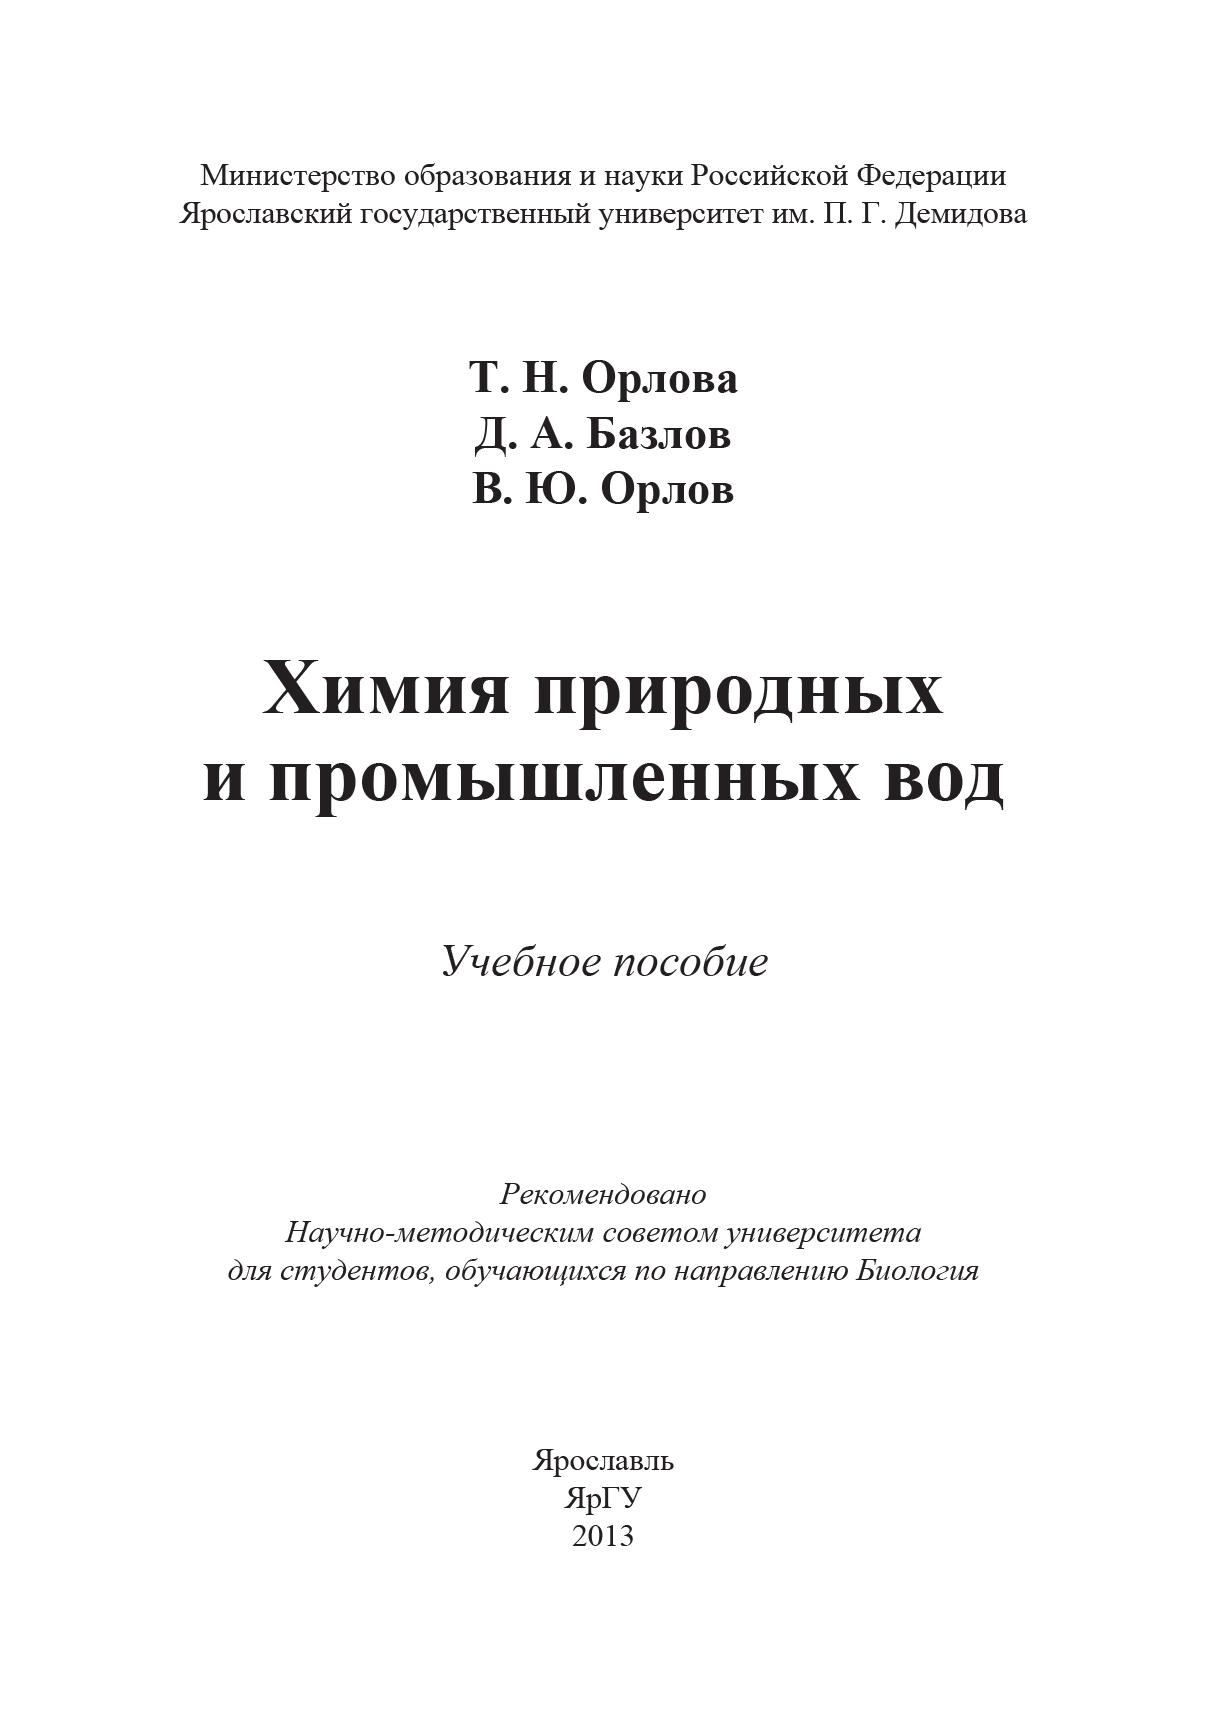 Т. Н. Орлова Химия природных и промышленных вод